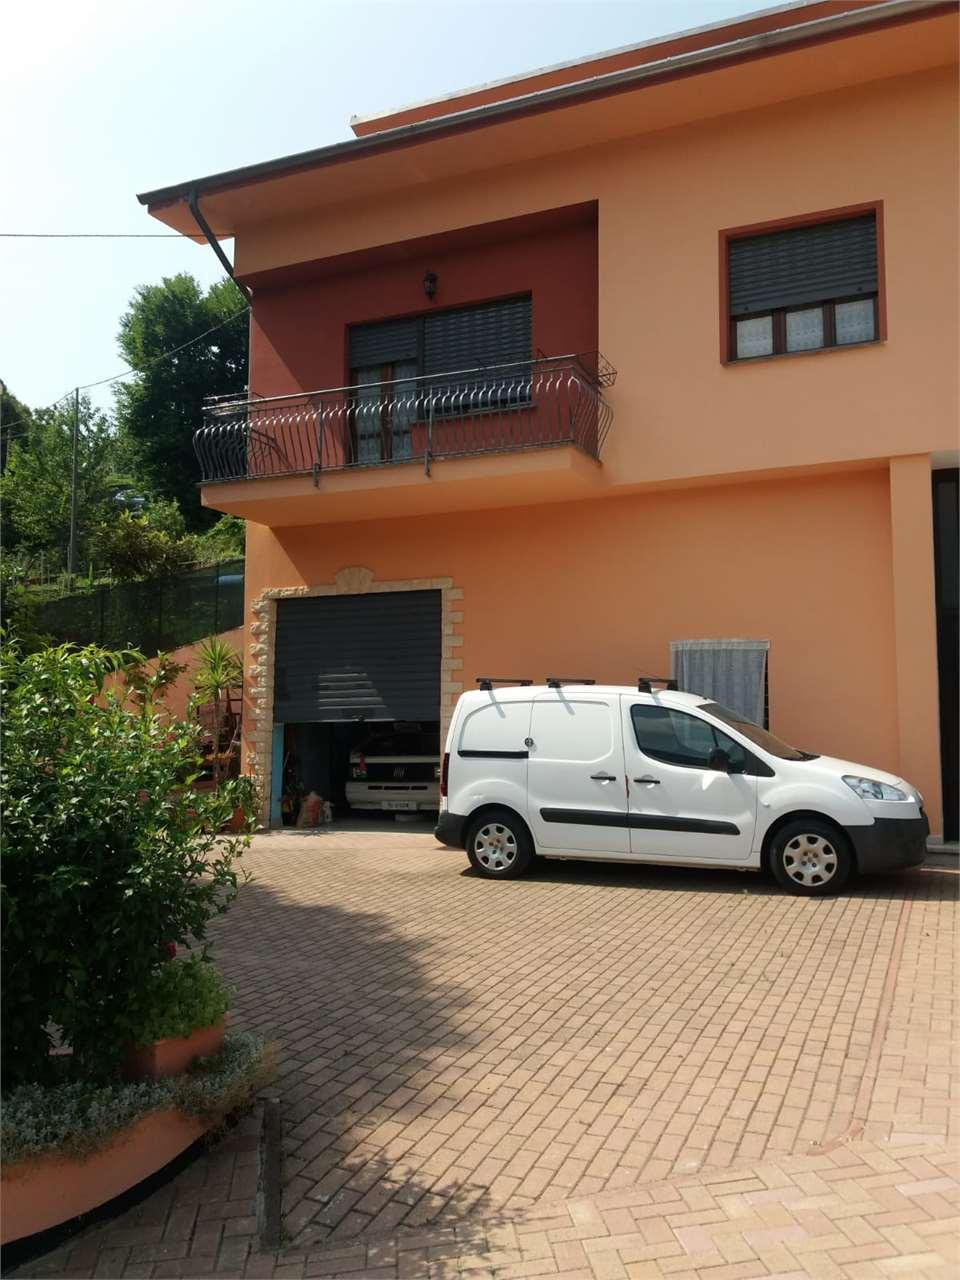 Appartamento in affitto a Rubiana, 3 locali, prezzo € 300 | PortaleAgenzieImmobiliari.it